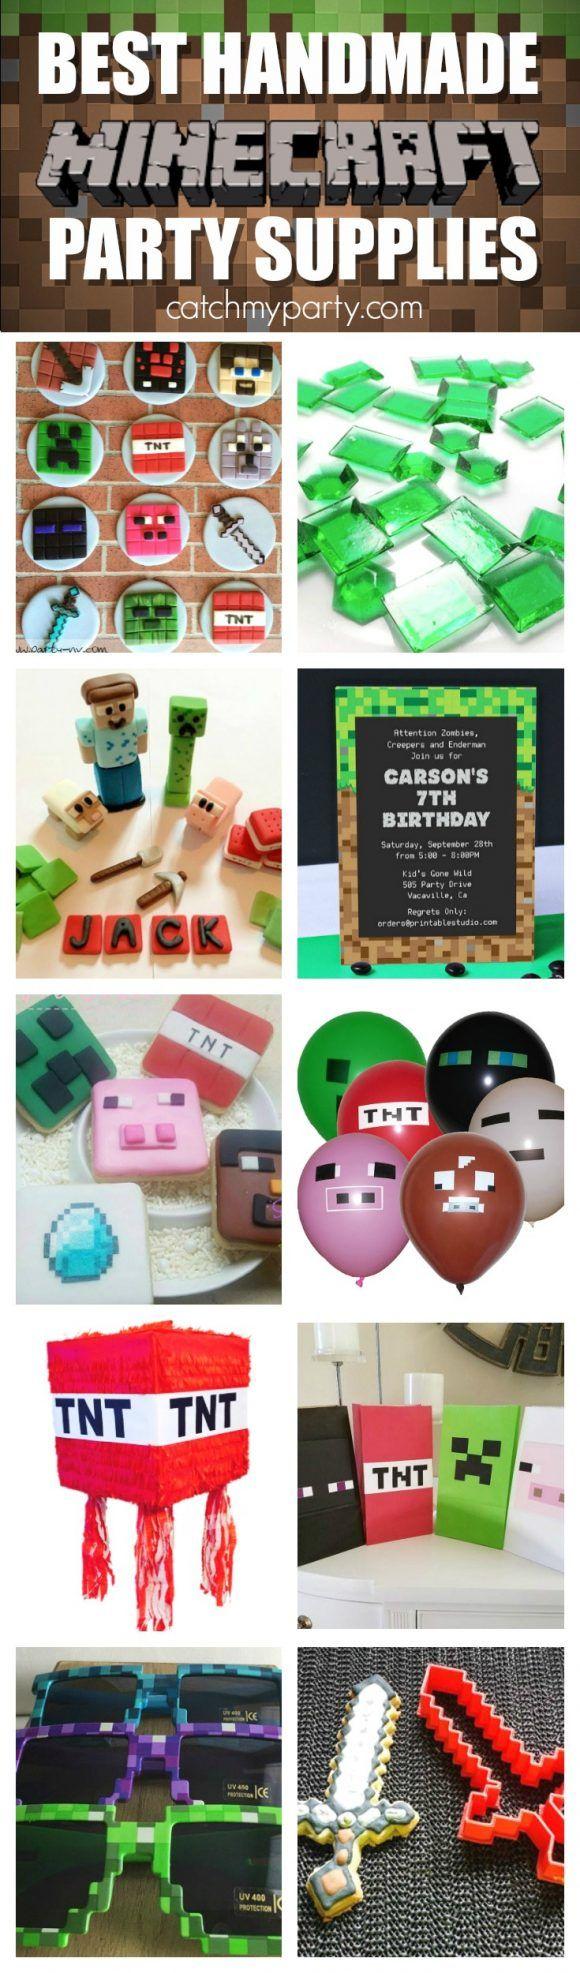 Mine craft birthday ideas - Best Handmade Minecraft Party Supplies Catchmyparty Com